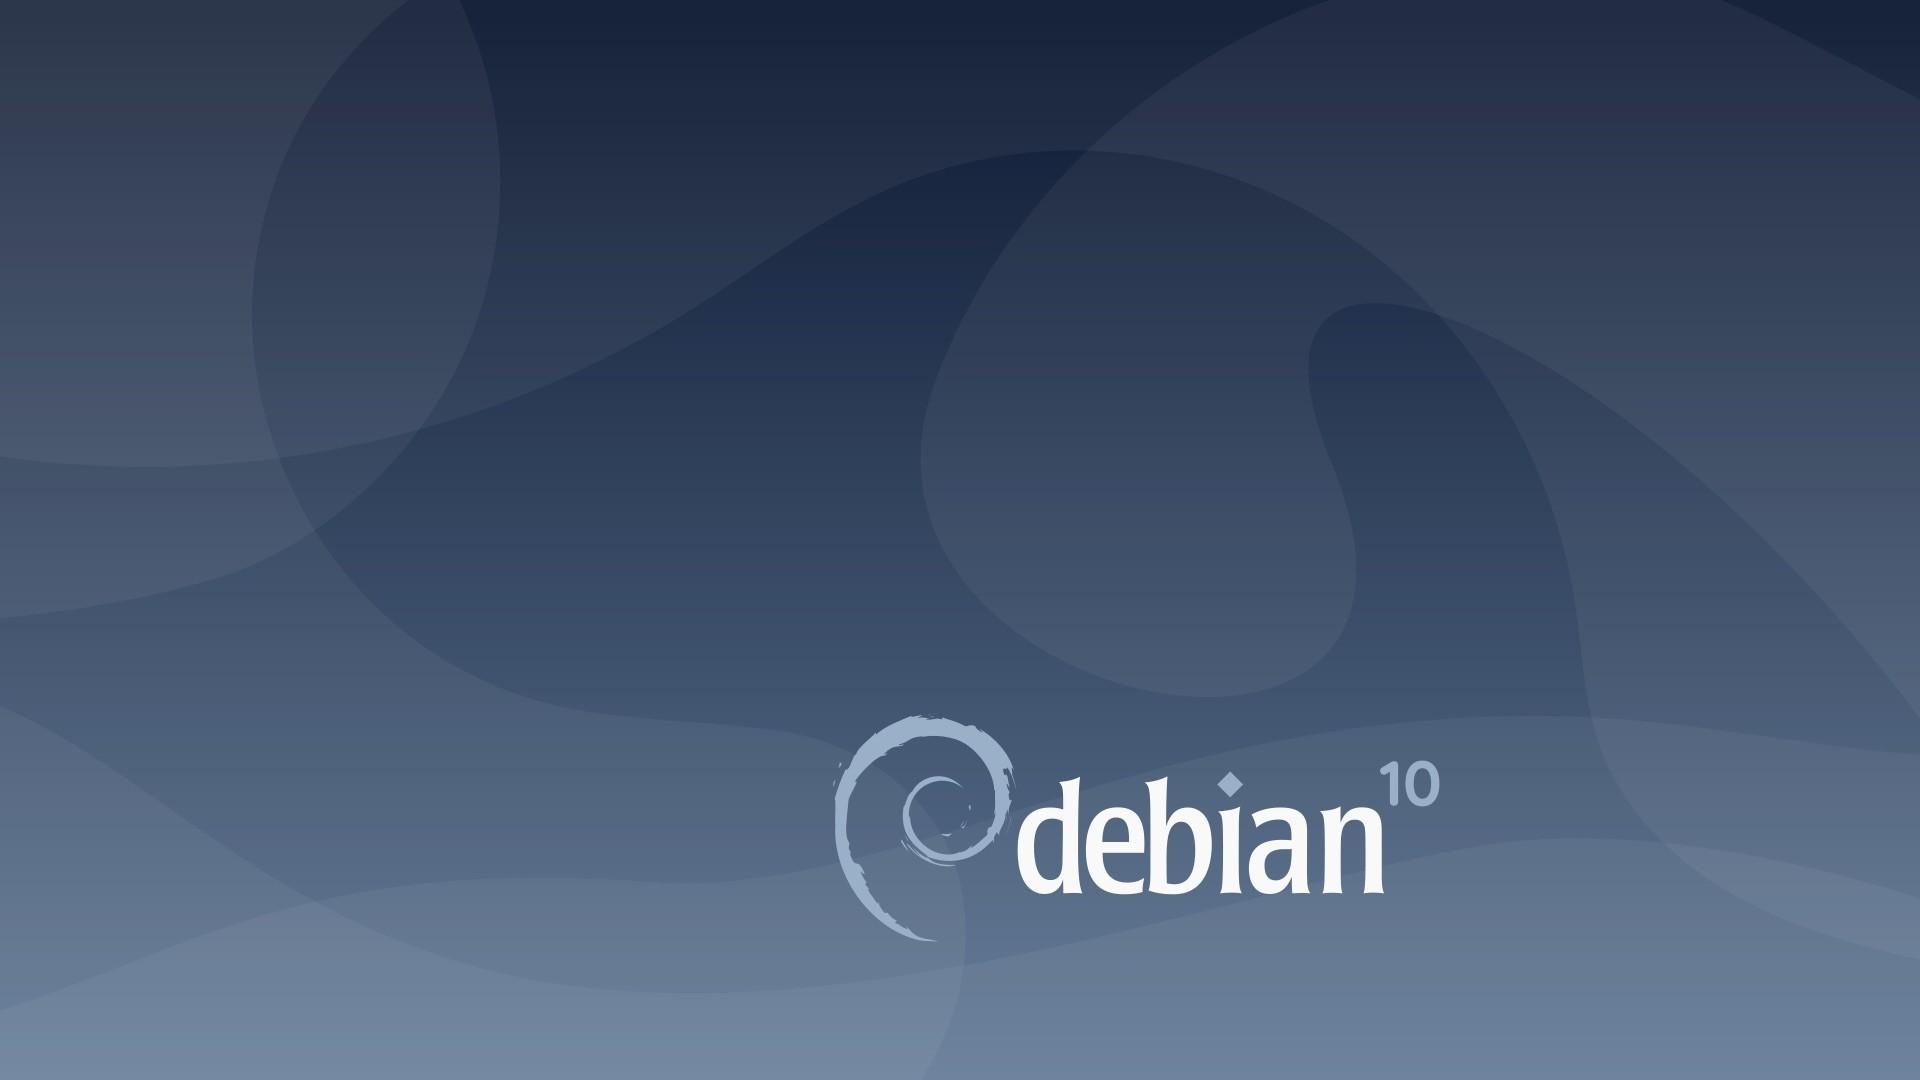 debian 10.2 buster